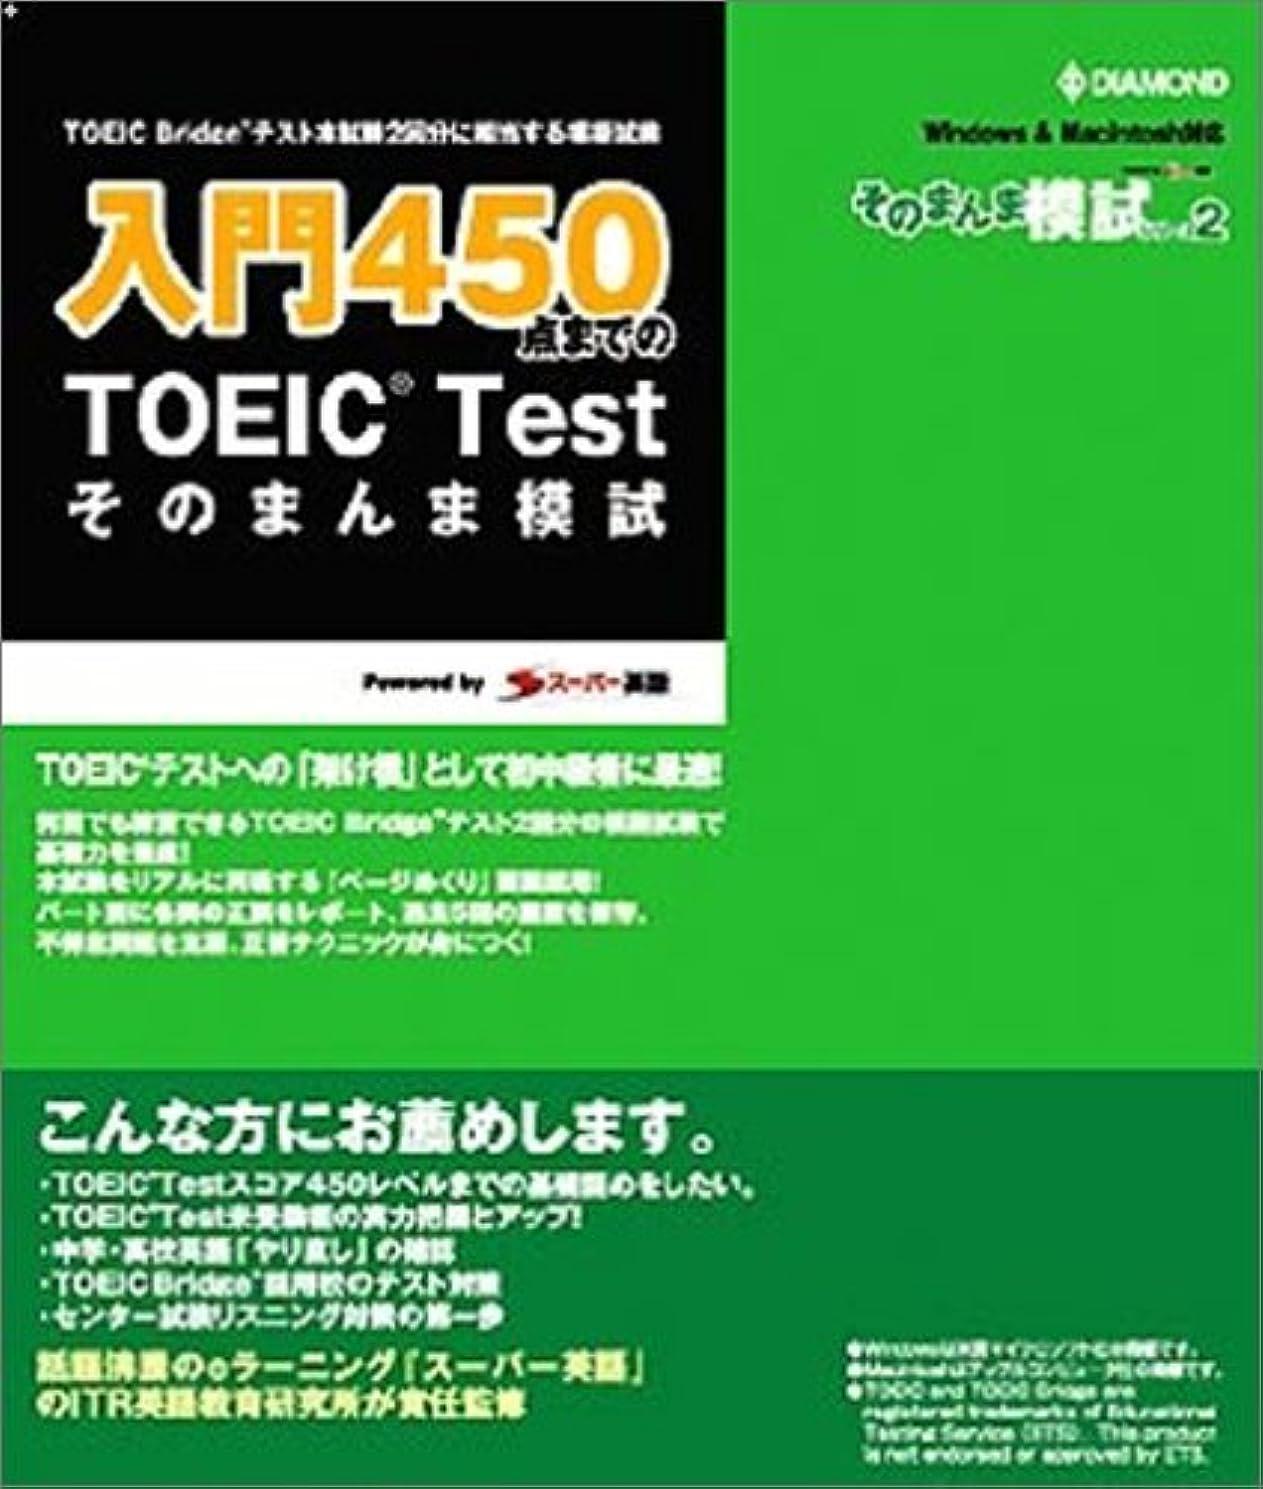 と組む遡るテラスそのまんま模試2 入門450点までの TOEIC Test